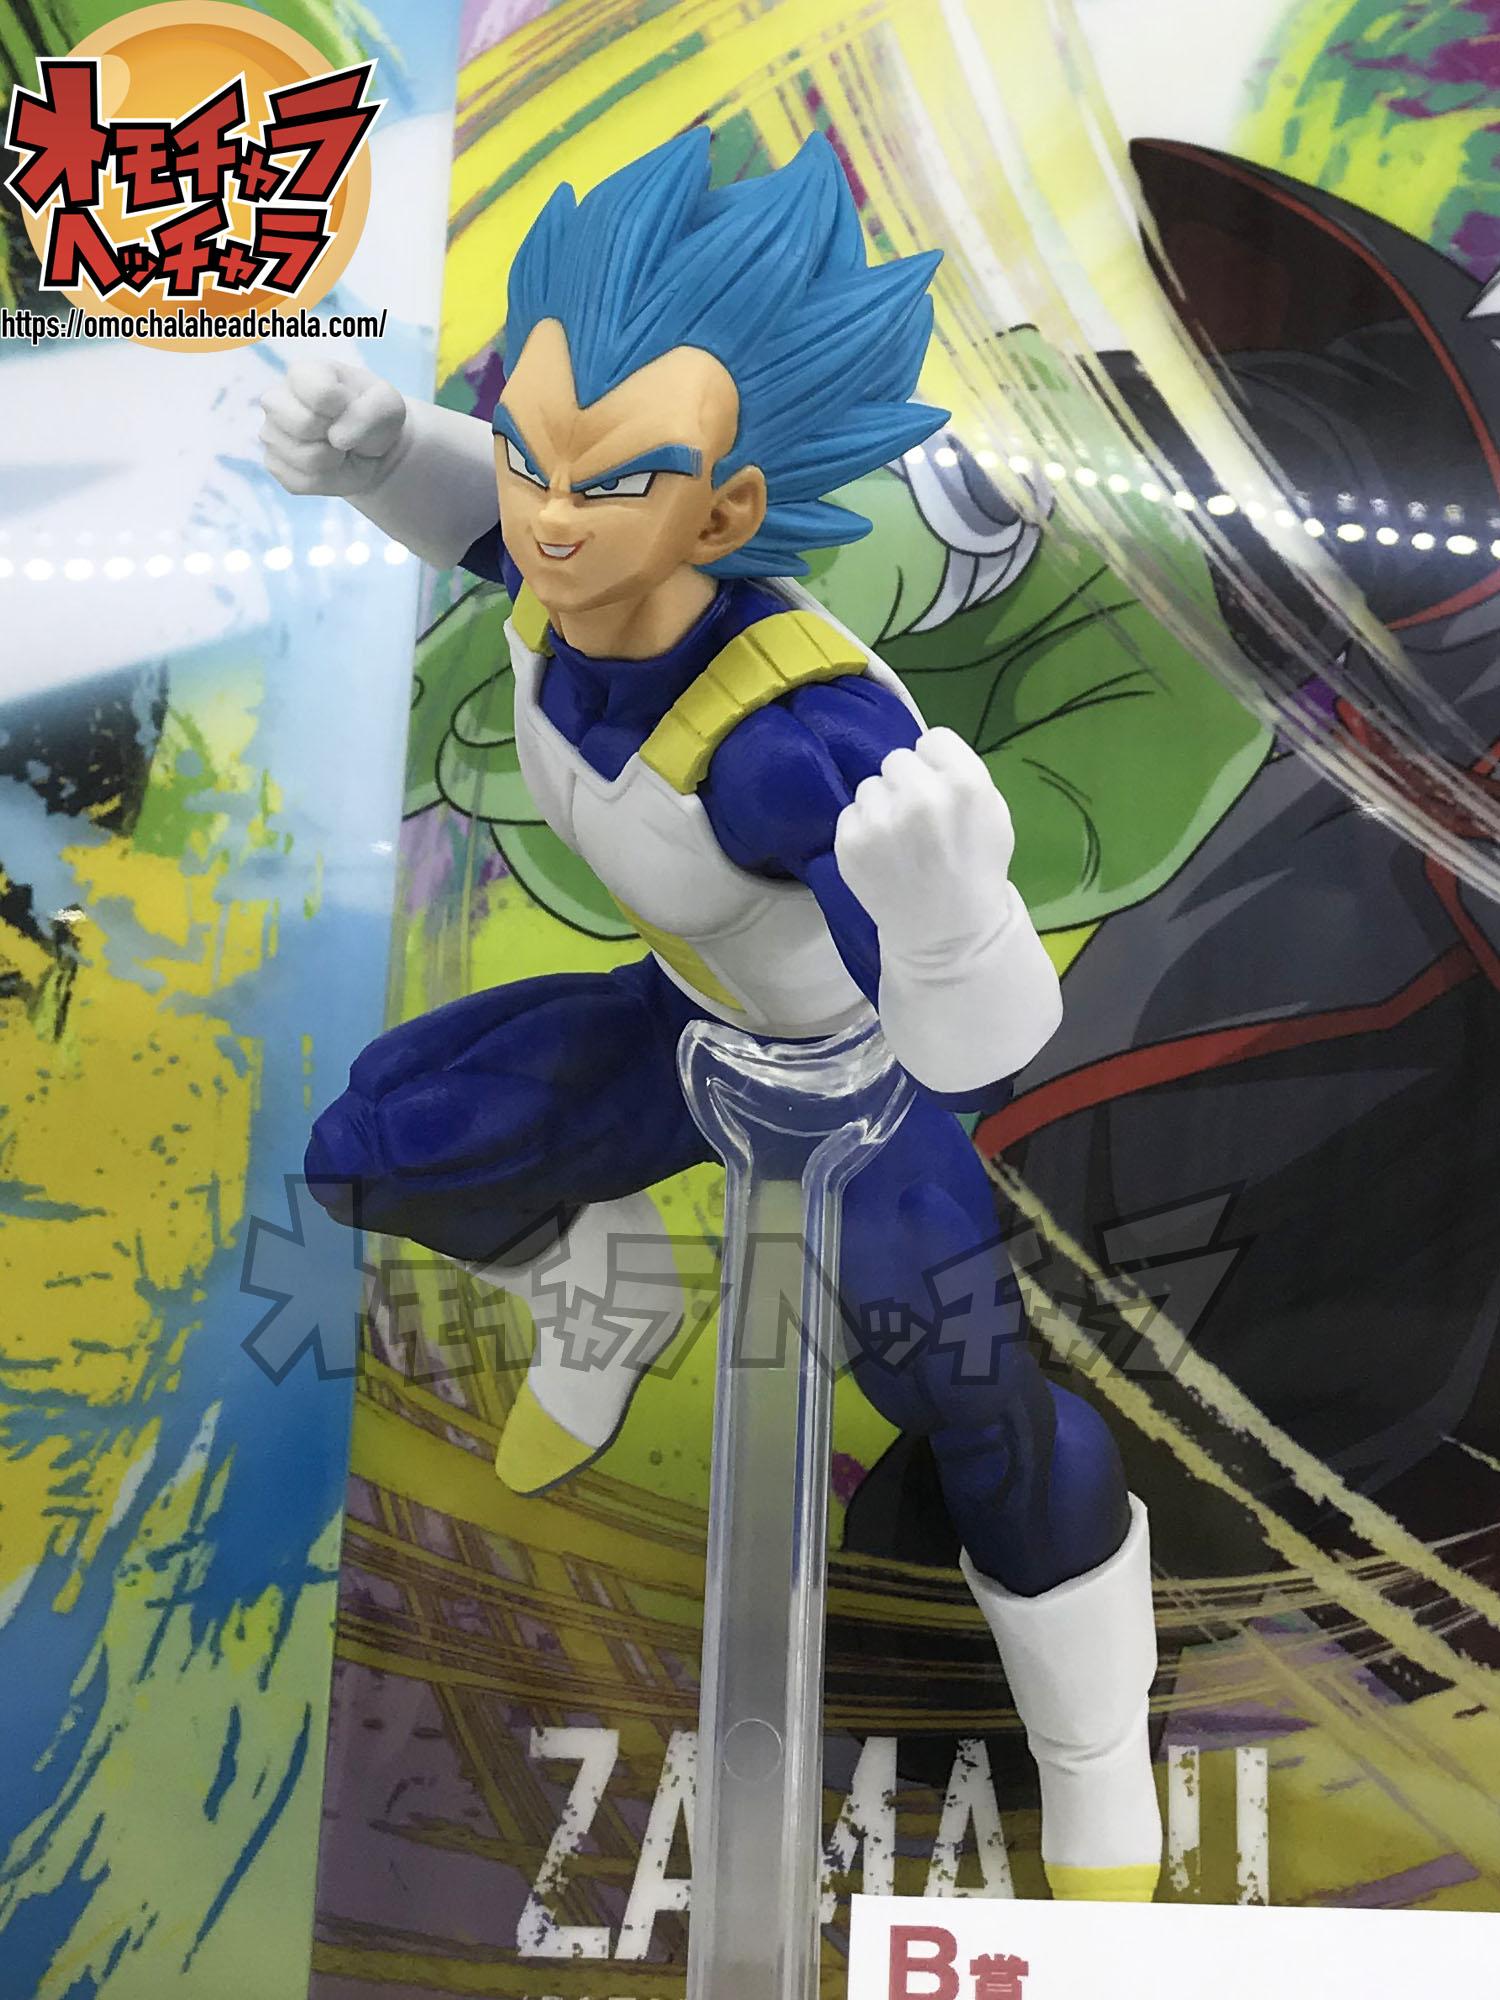 一番くじ ドラゴンボール Awakening warriors with ドラゴンボールZ ドッカンバトルB賞「超サイヤ人ゴッド超サイヤ人ベジータ」